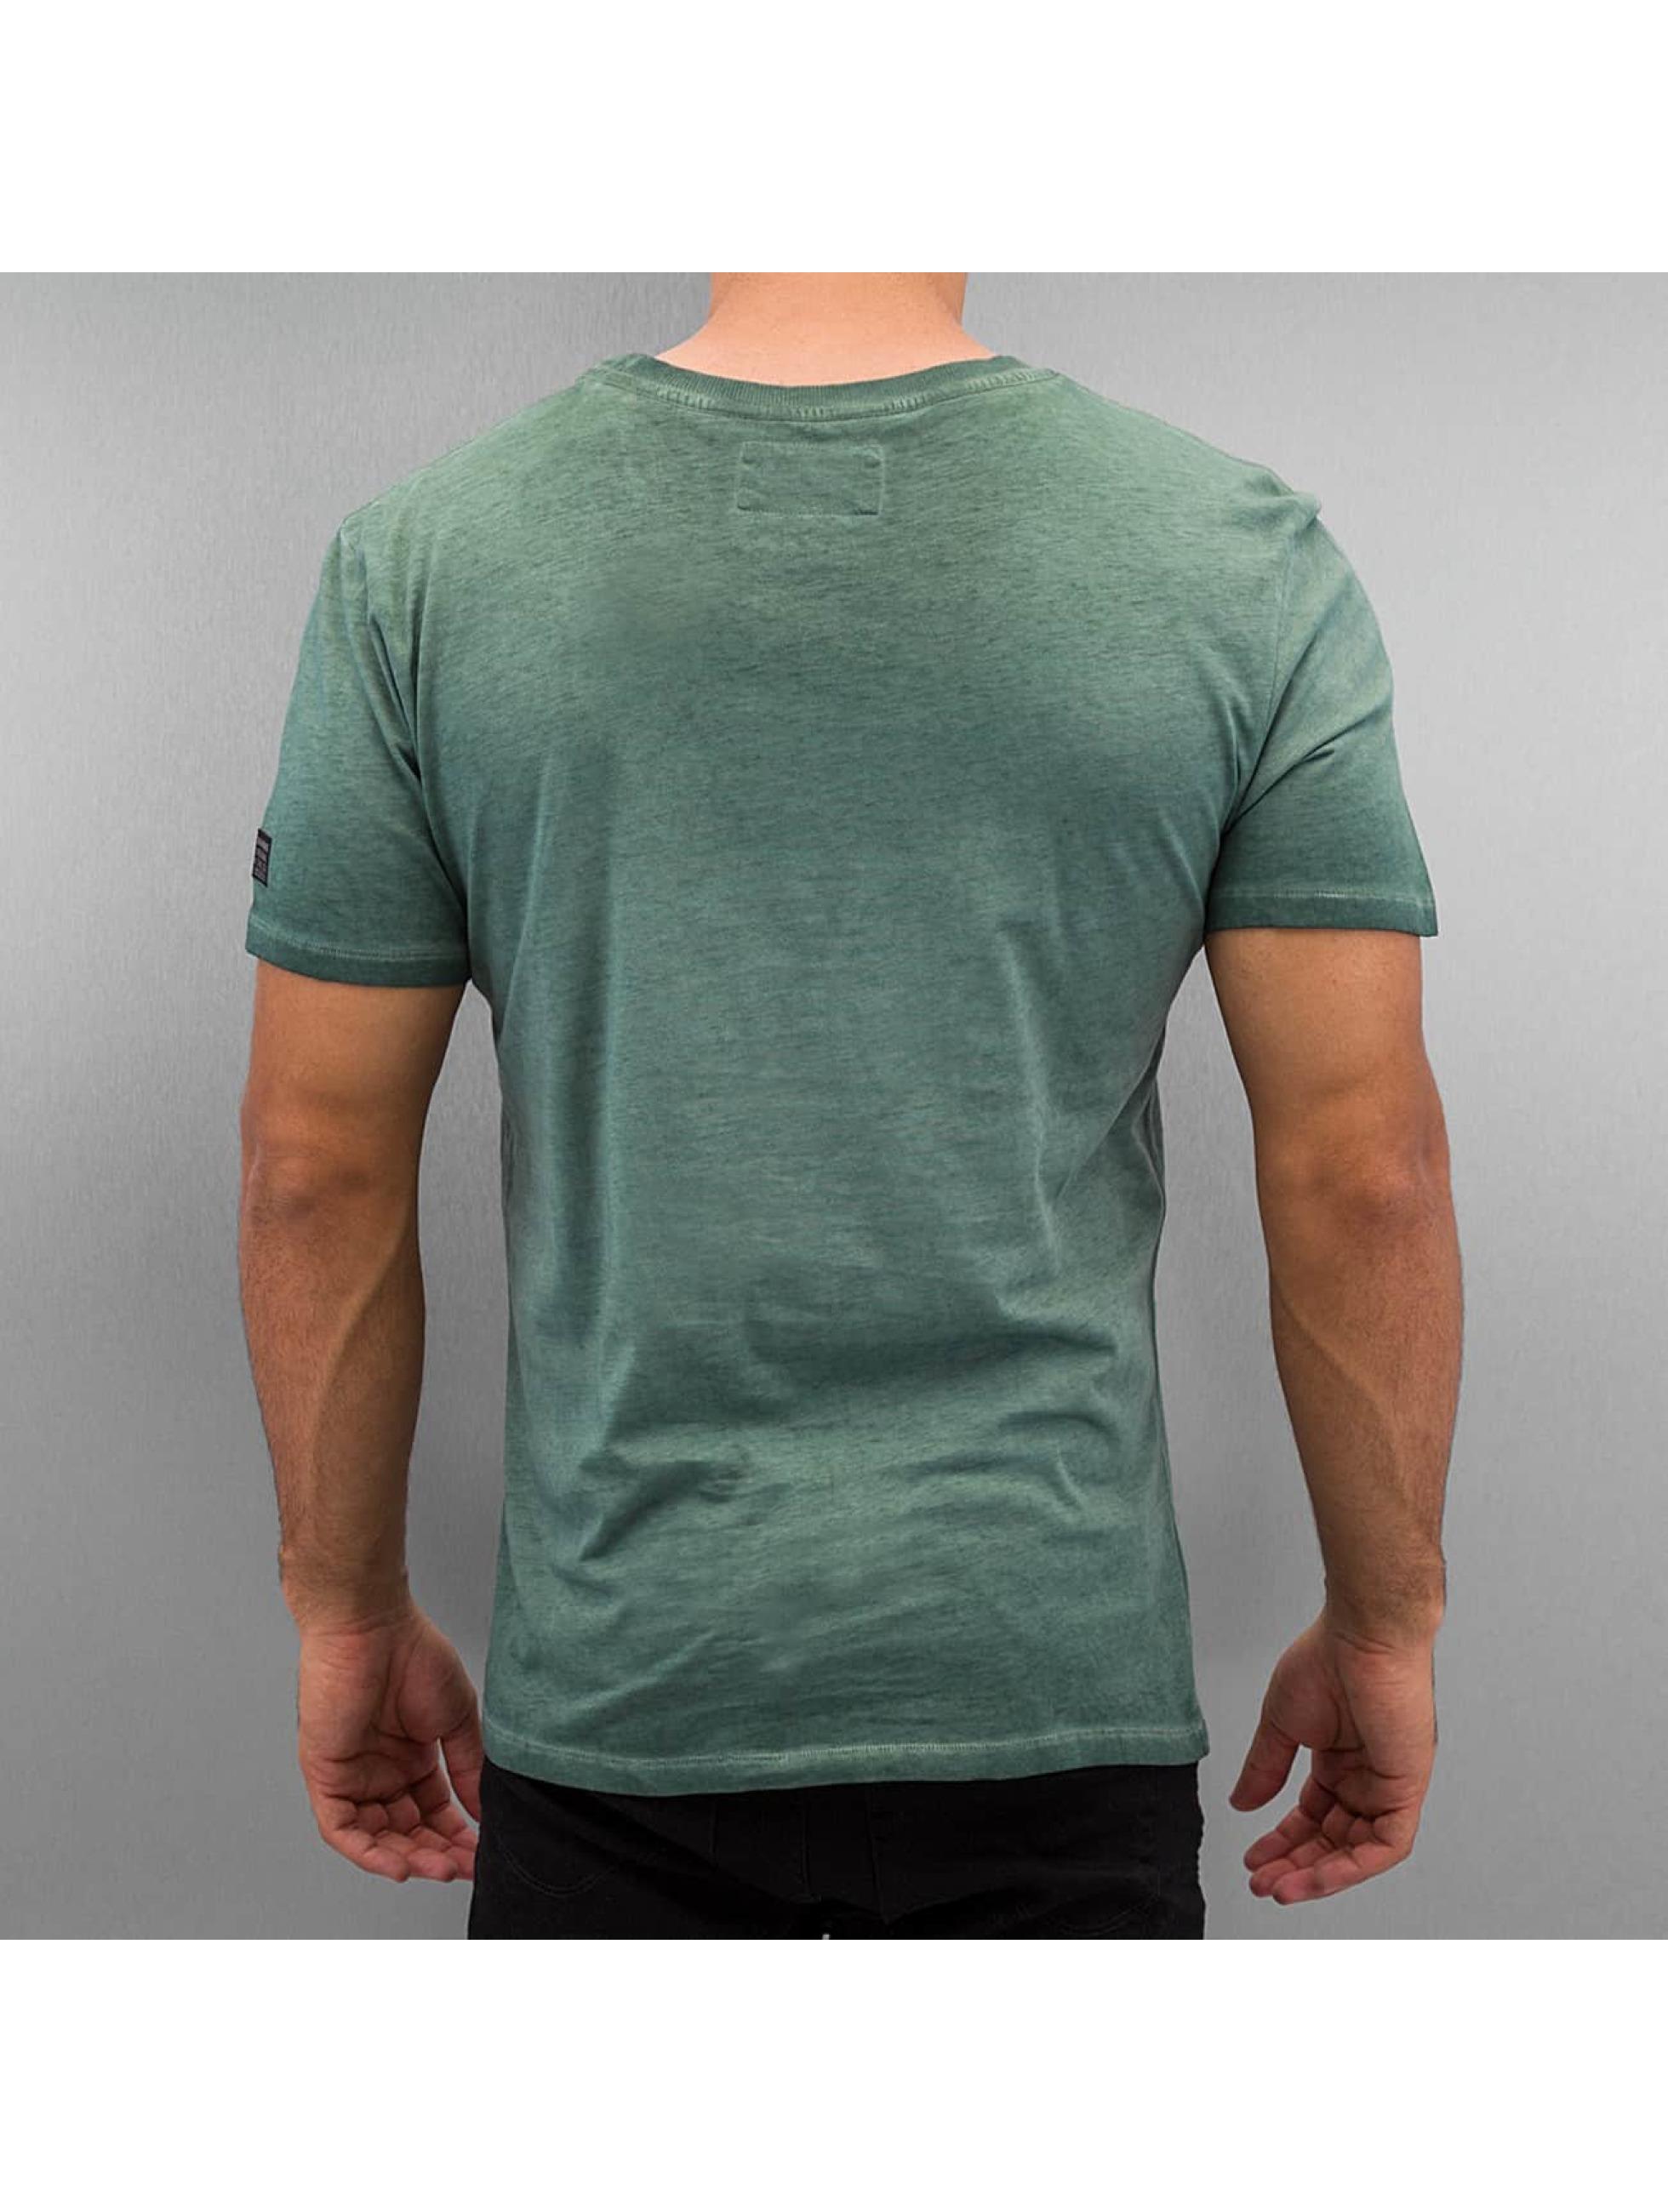 BOXHAUS Brand t-shirt E.S.S. groen